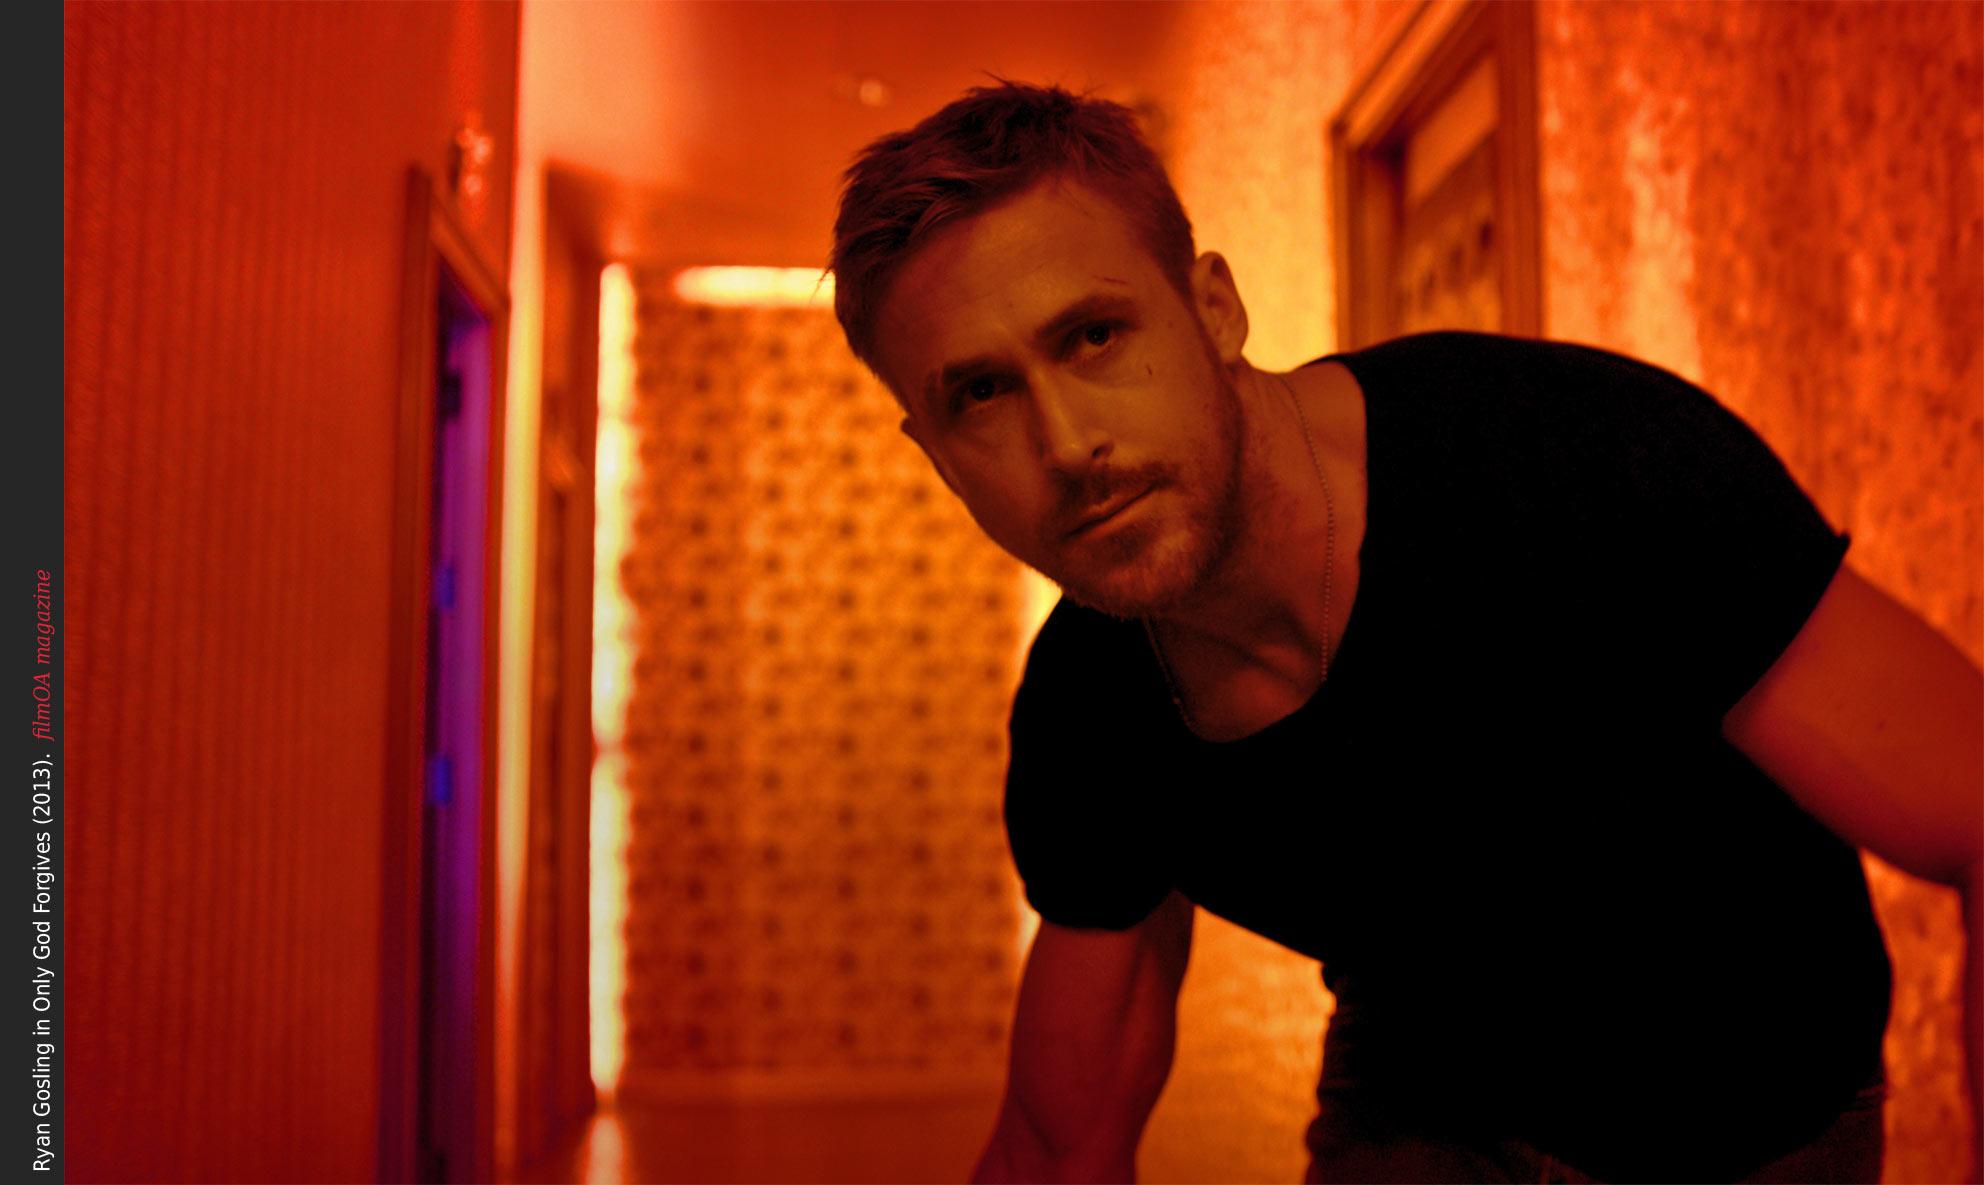 Ryan Gosling Only God Forgives Boots Only God Forgives make...